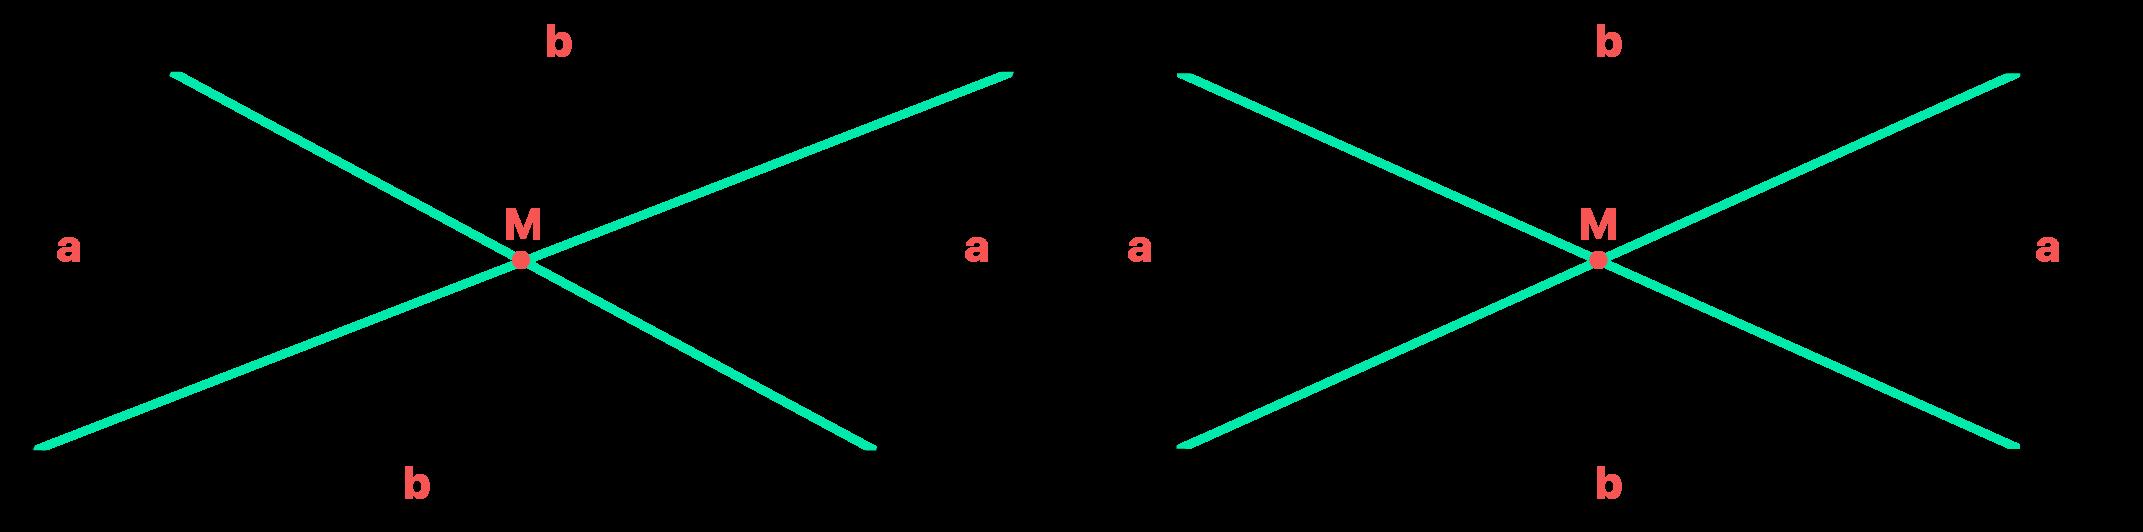 diagonais do retângulo se encontram em seus pontos médios